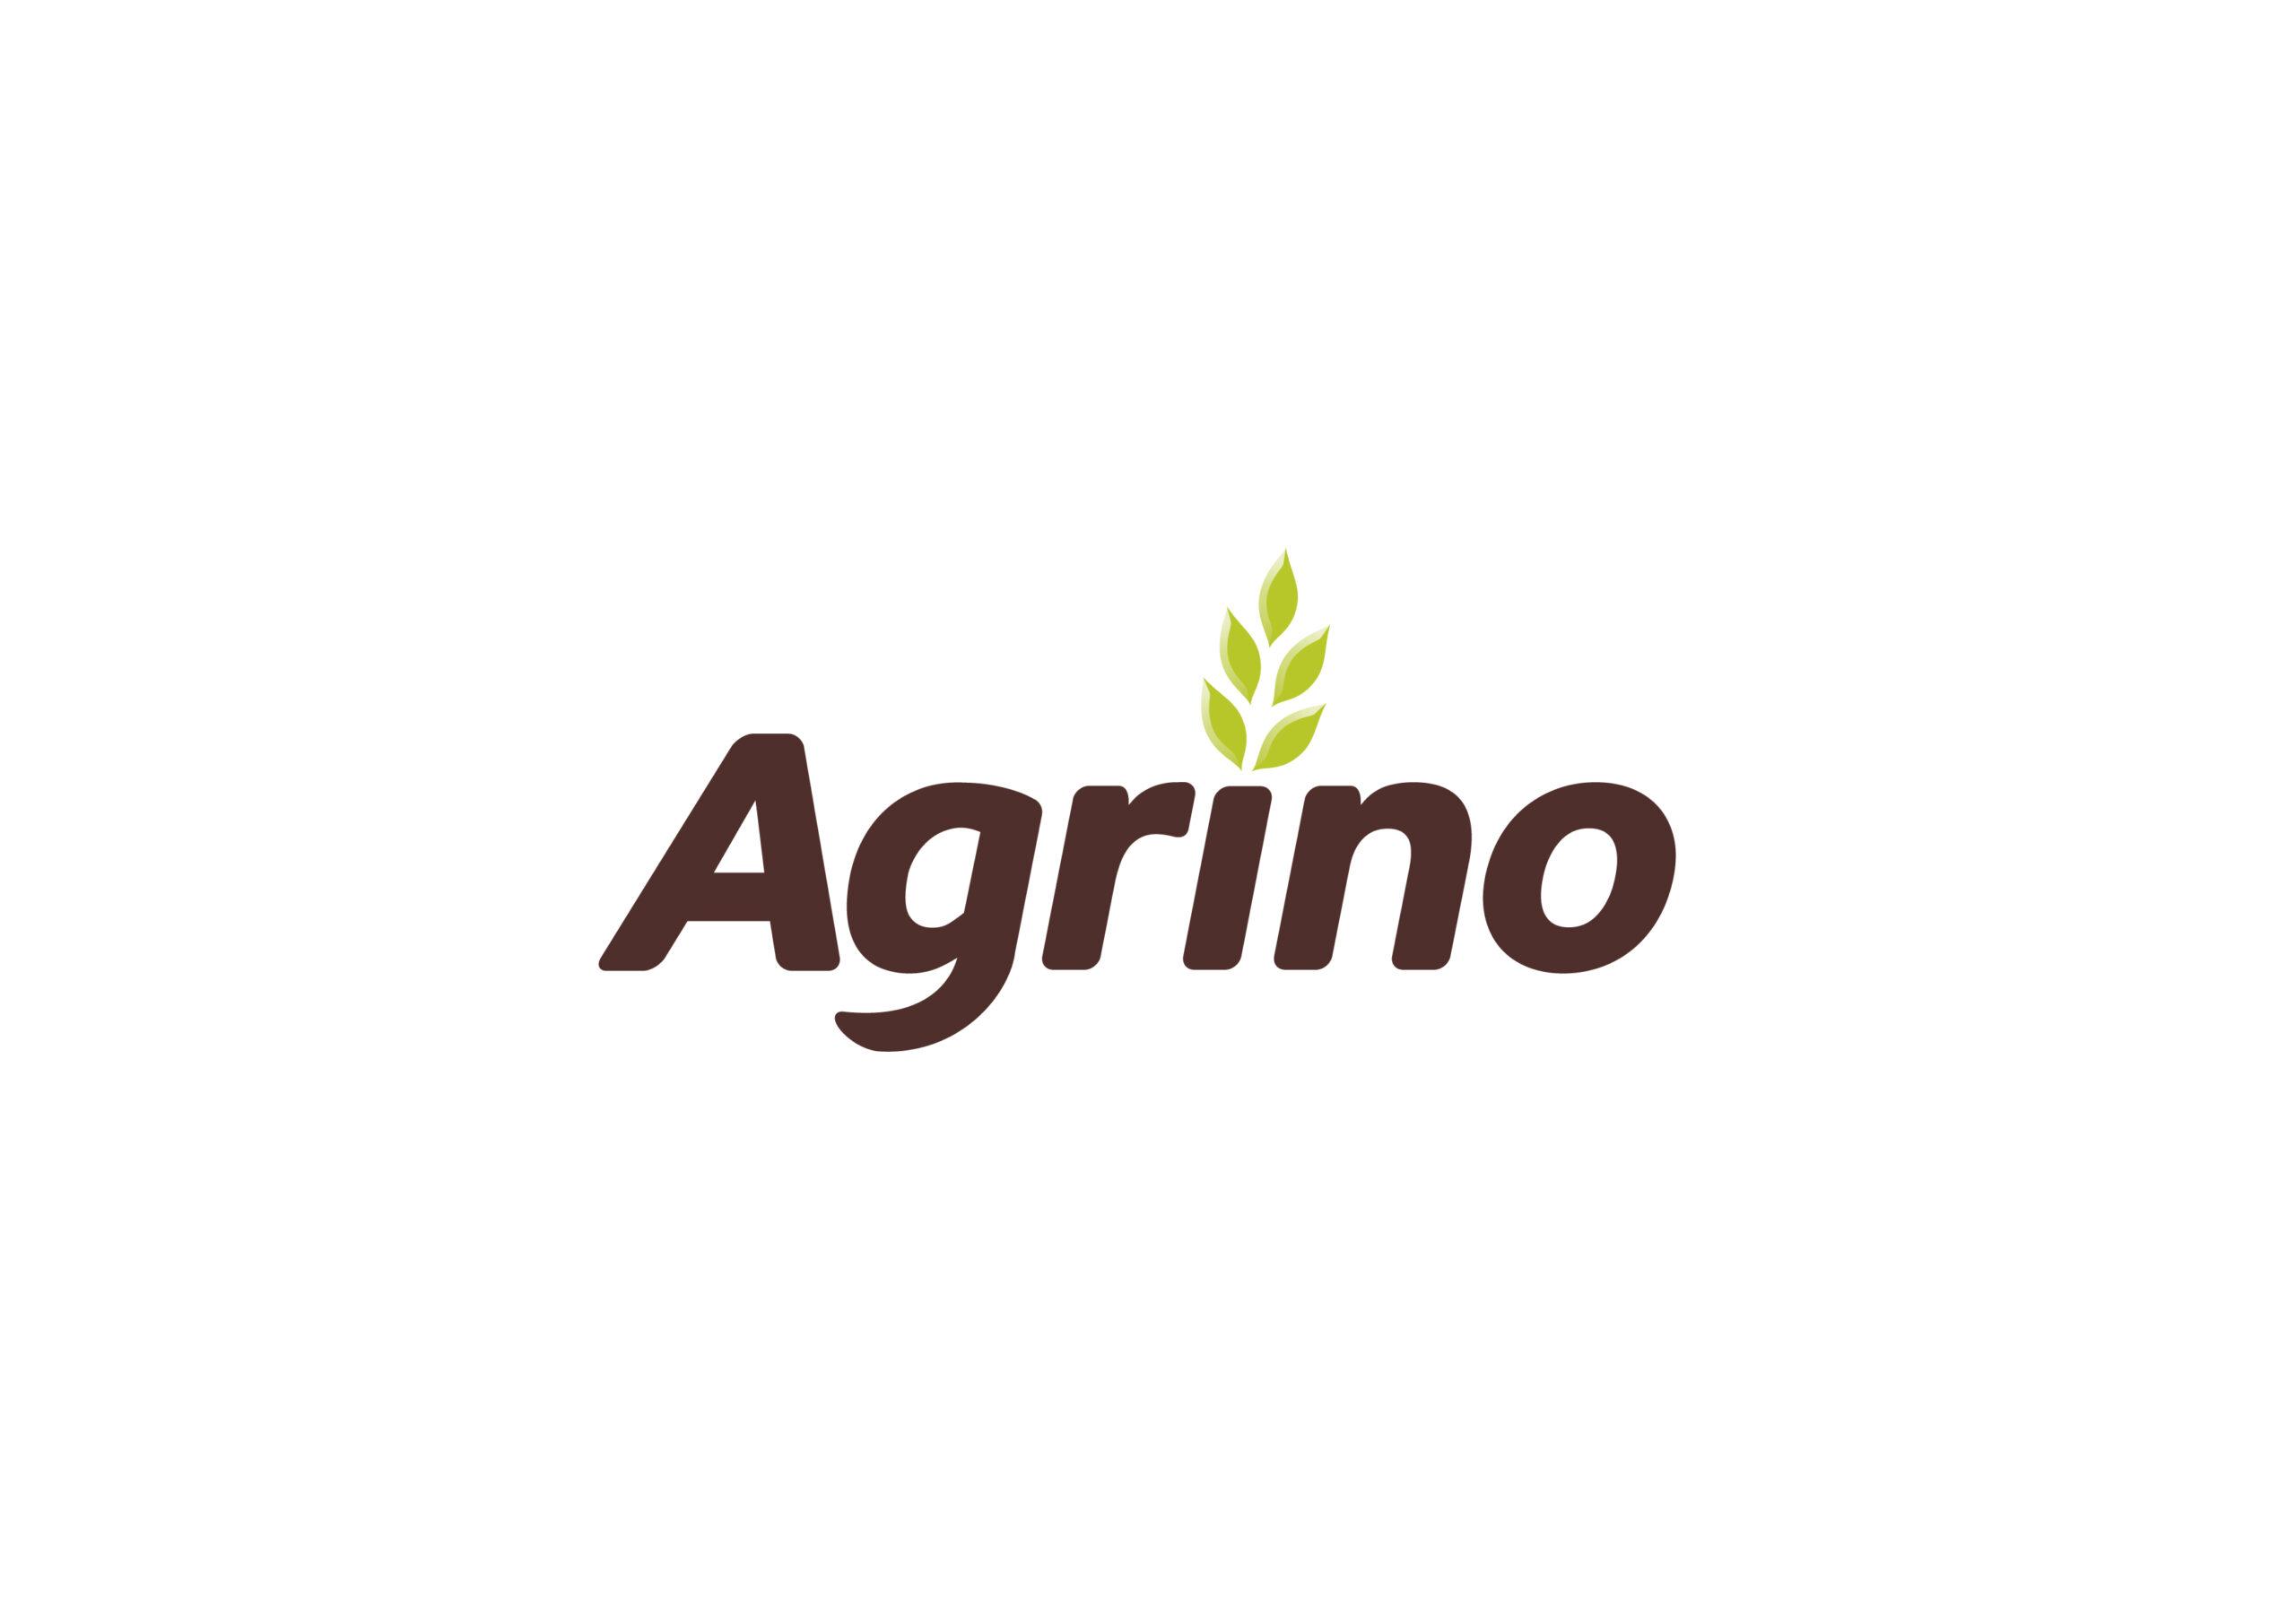 Σημαντική προσφορά της Agrino στην Ιερά Μητρόπολη Κινσάσας